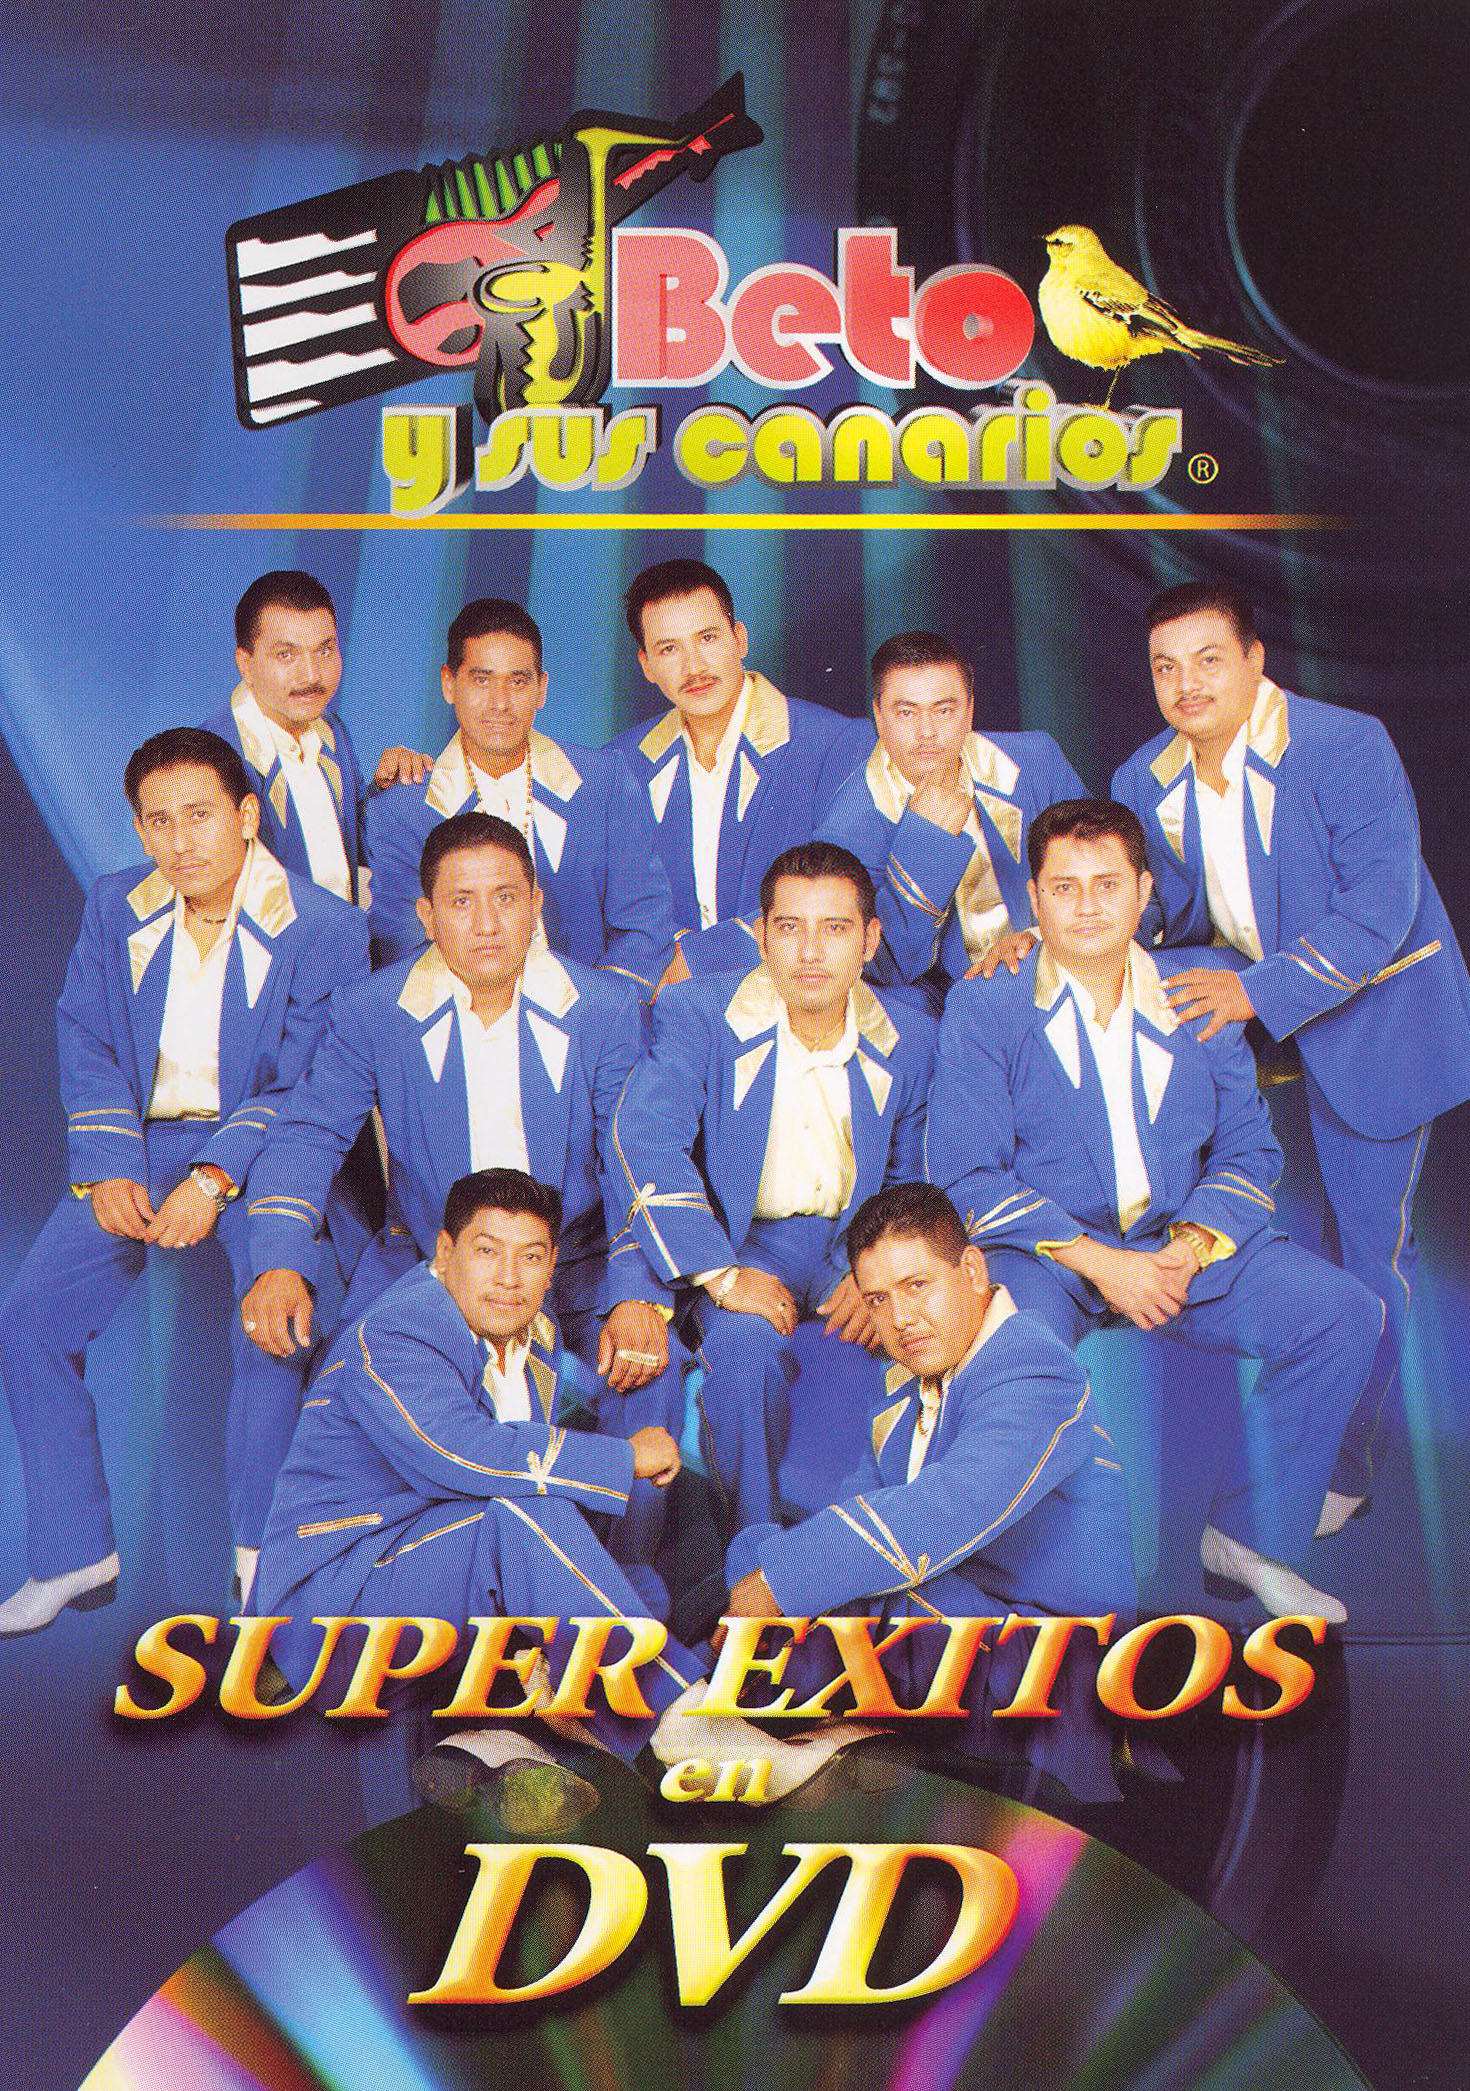 Beto y Canarios: Super Exitos en DVD